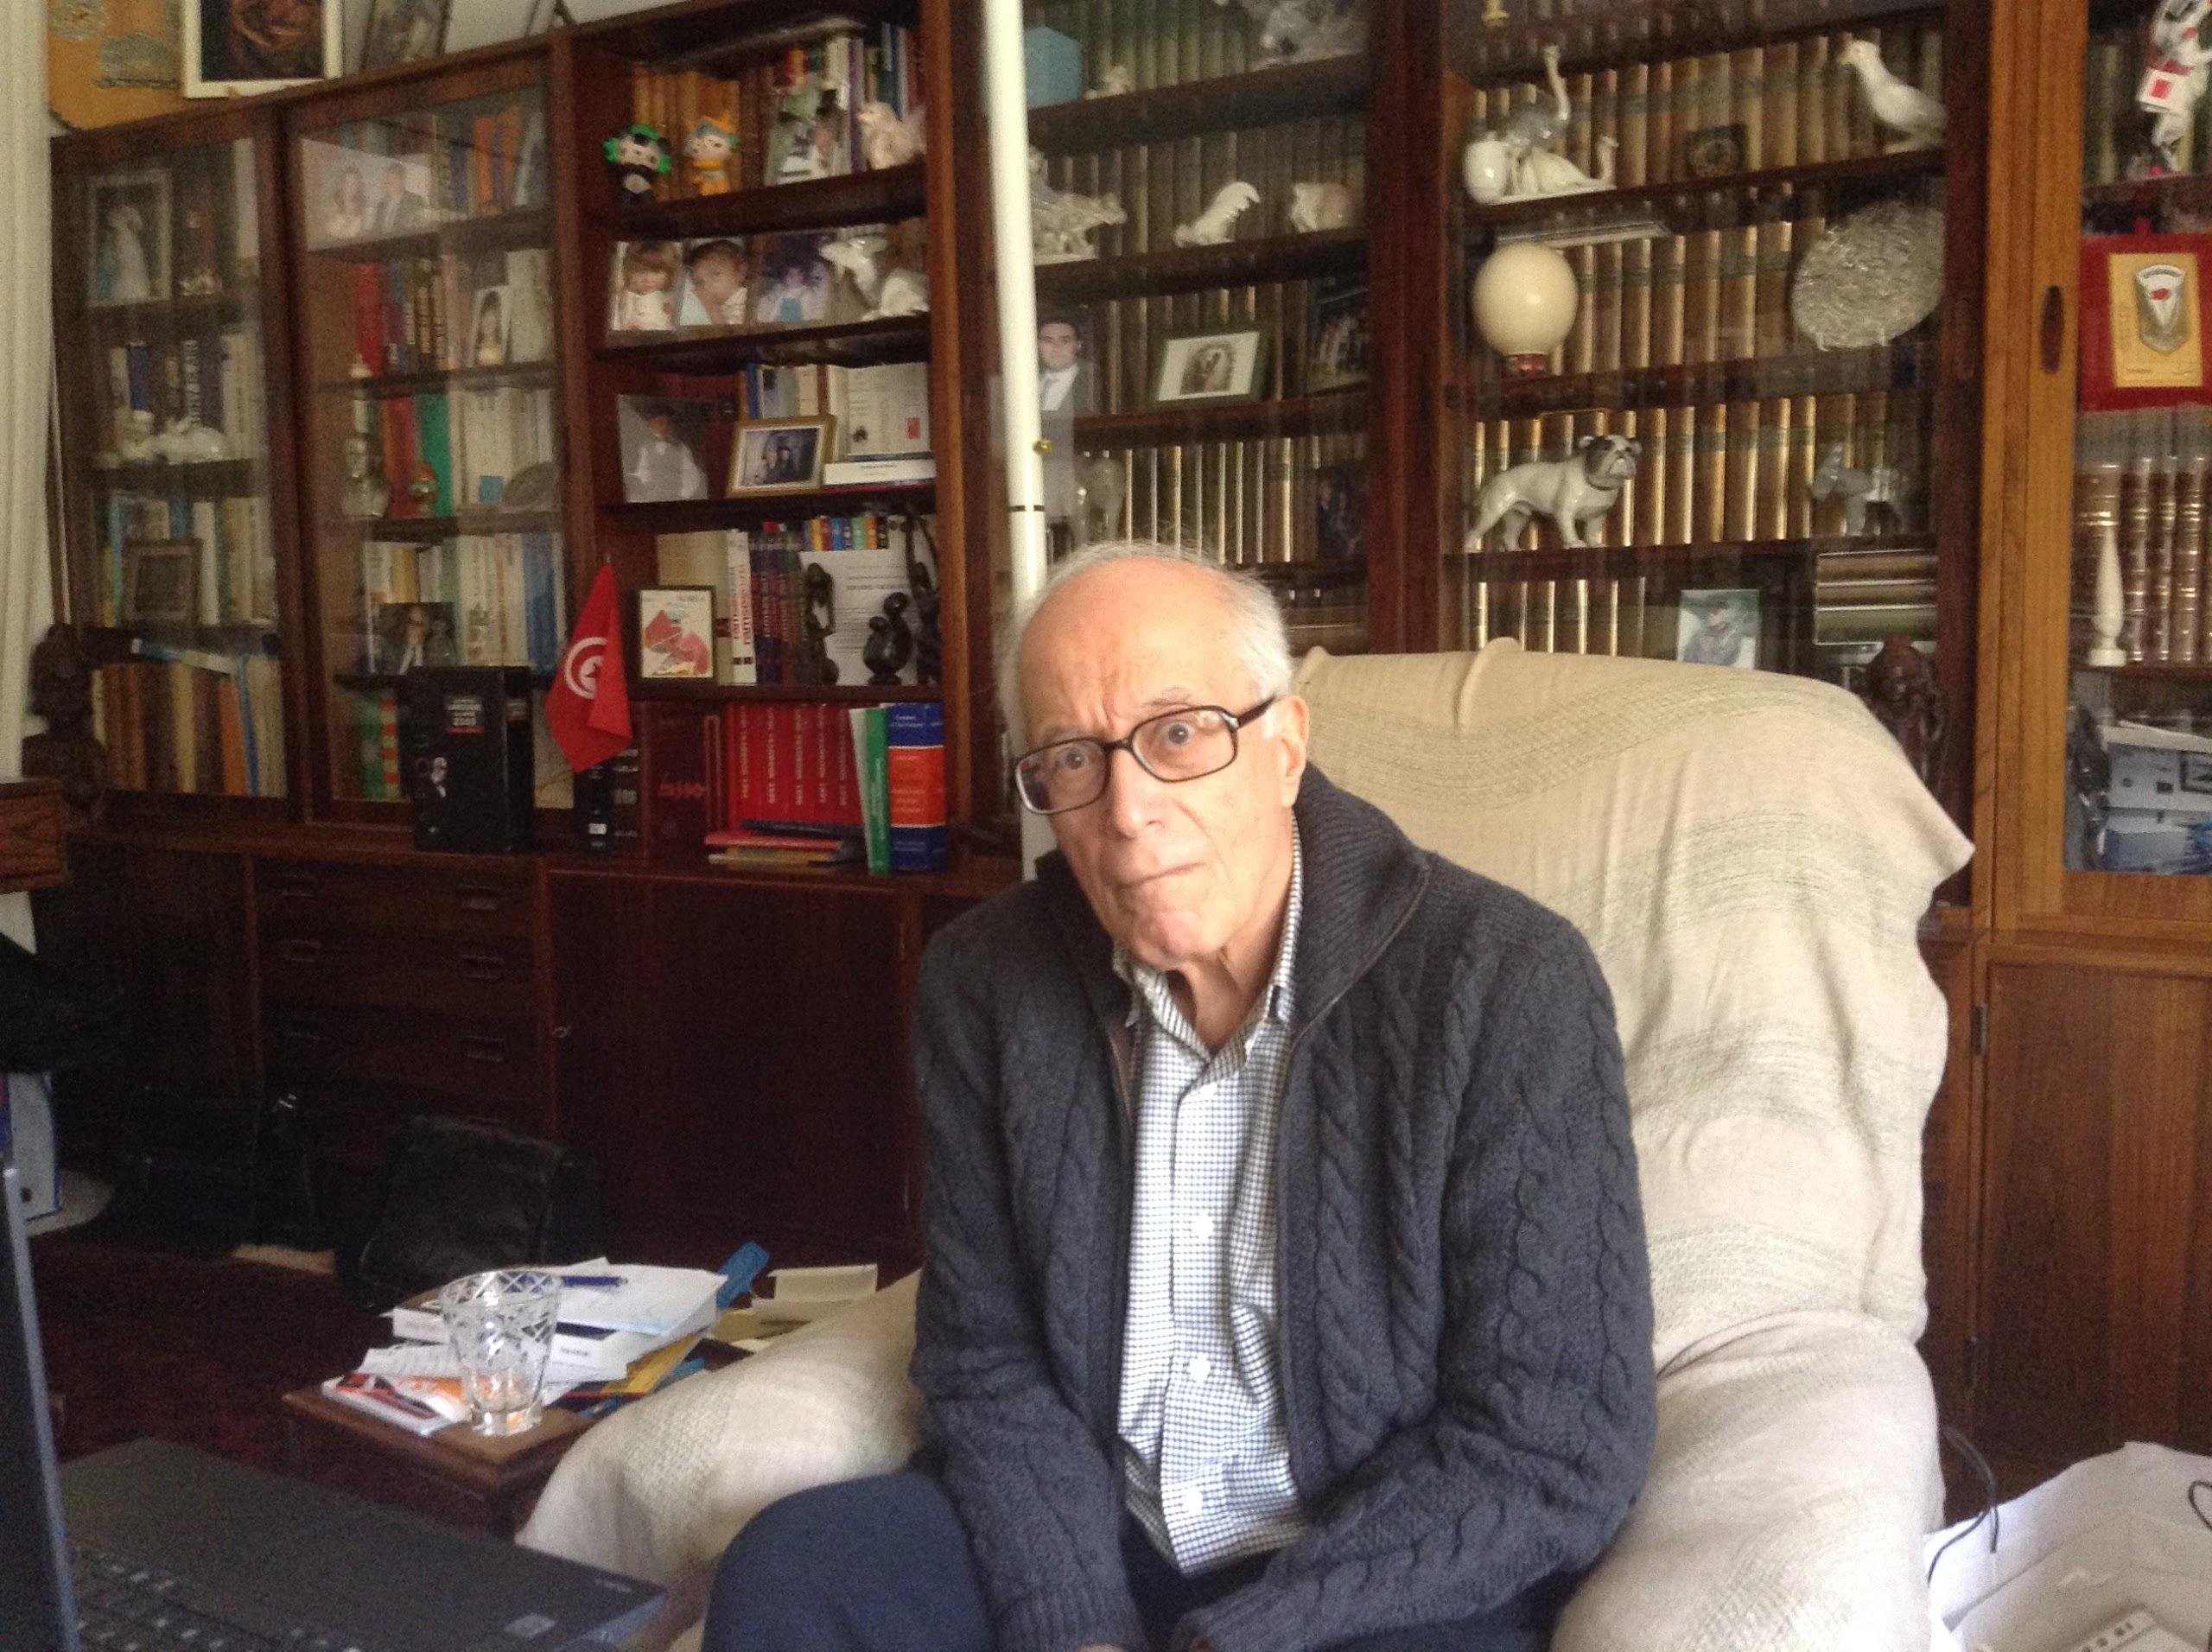 Ahmed Ounaïs :  « Pour la Russie, le déclenchement des révolutions de couleuren Ukraine, Biélorussie et Géorgie visent à installer dans son voisinage immédiat des gouvernements dociles qui minent la sécurité de ce qu'elle appelle l'étranger proche. »